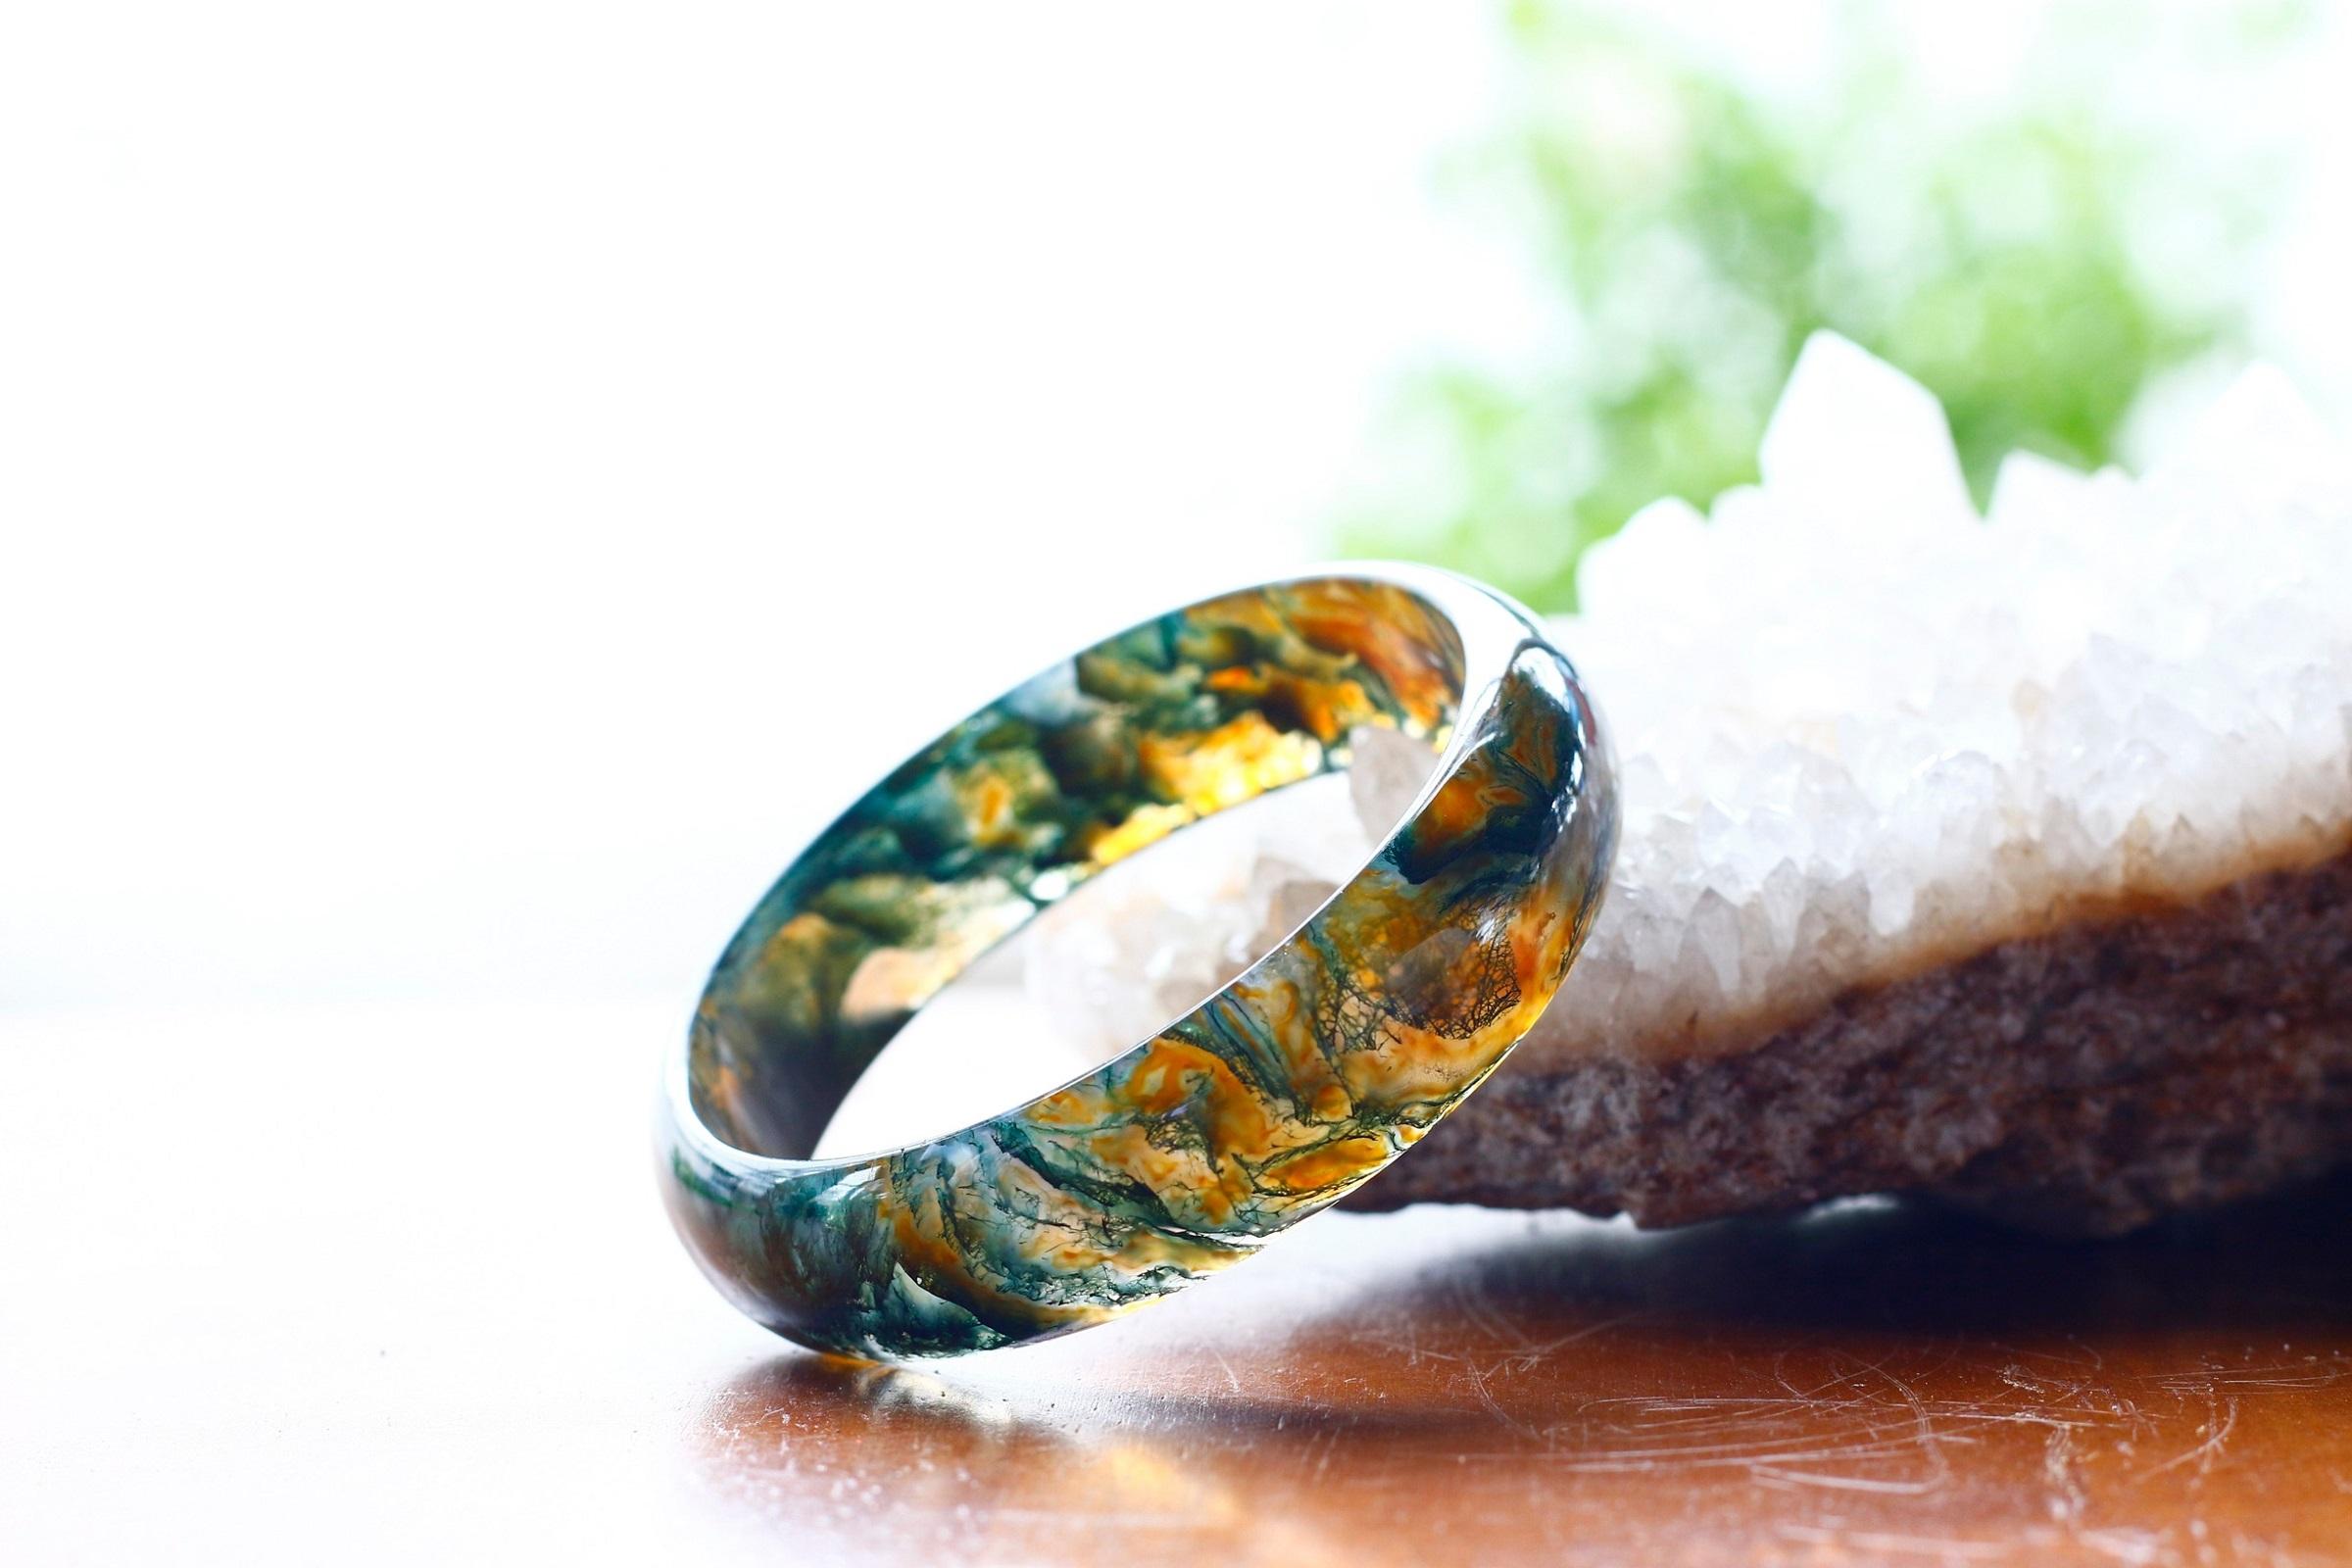 Băng ngọc thủy tảo là một loại đá thiên nhiên có tên khoa học là Moss Agate, thuộc nhóm Chalcedony, sở hữu độ trong suốt và màu sắc đặc trưng, bắt mắt hơn với đá mã não thông thường. Vòng tay đá băng ngọc thủy tảo Ngọc Quý Gemstones có đường kính 57 mm. Dạng vòng tròn, trơn, bảng to hợp với người có cổ tay tầm trung hoặc người trung niên, có thể chọn làm quà biếu bà, mẹ hoặc chị gái. Sản phẩm hiện có giá giảm sâu còn 1,399 triệu đồng (giá gốc đến 3 triệu đồng).